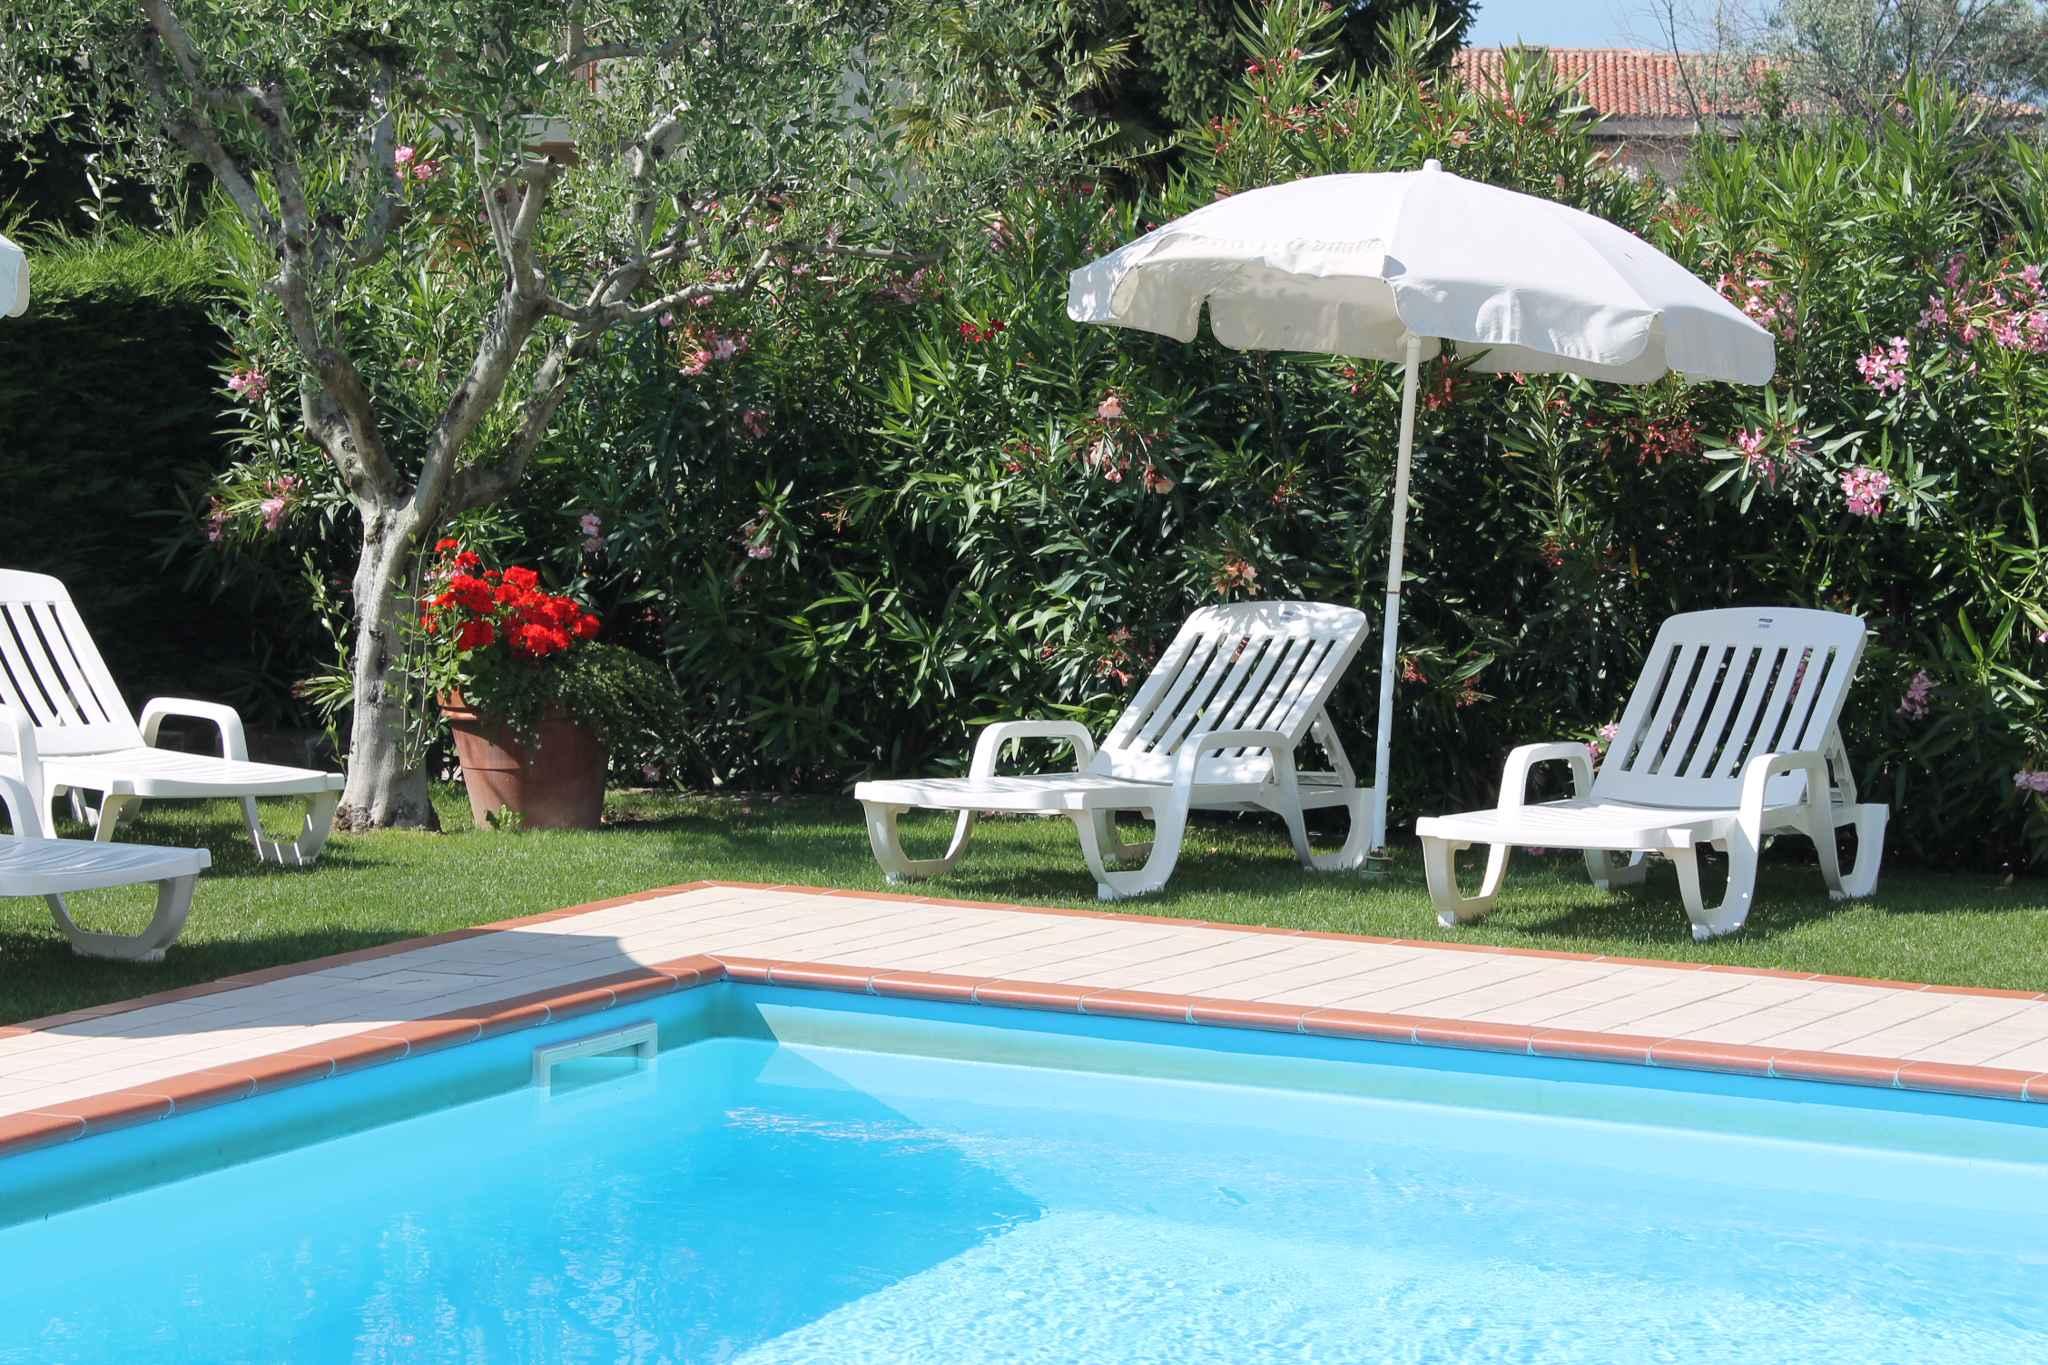 Ferienwohnung con piscina (279582), Lazise, Gardasee, Venetien, Italien, Bild 6